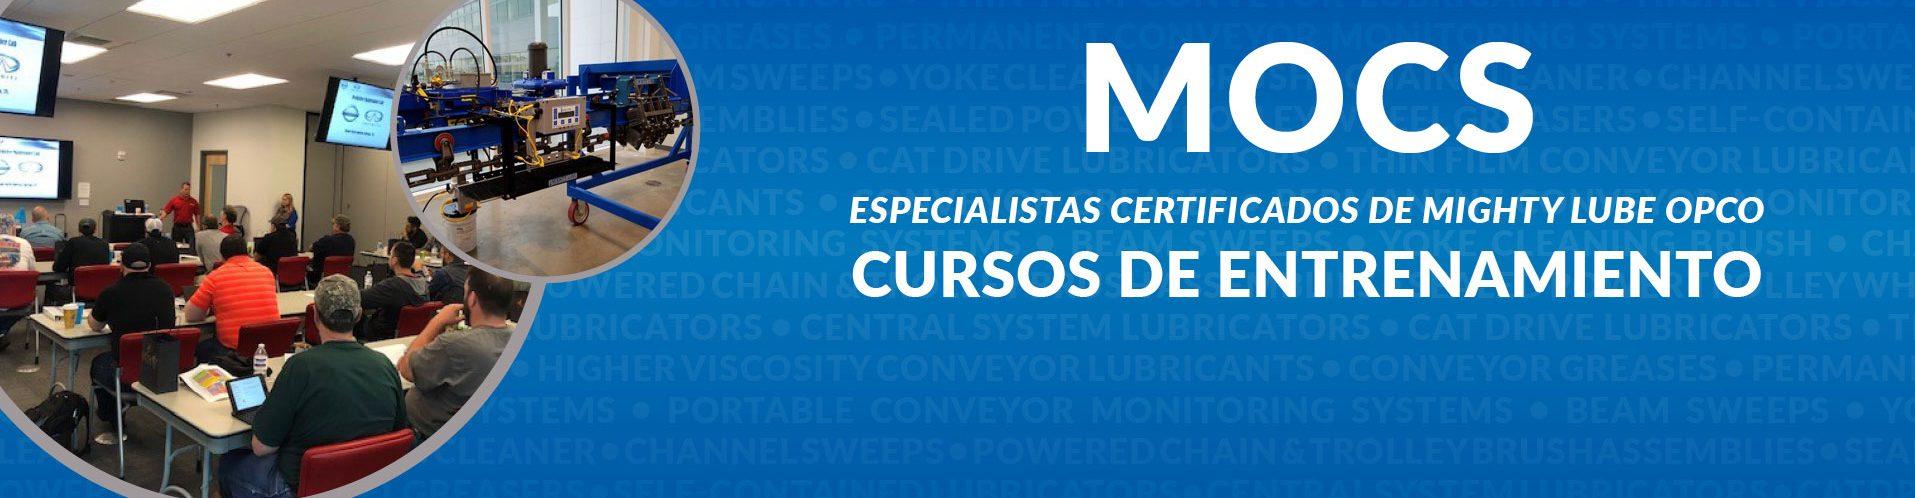 MOCS Mighty Lube Curso de capacitación de especialistas certificados por OPCO